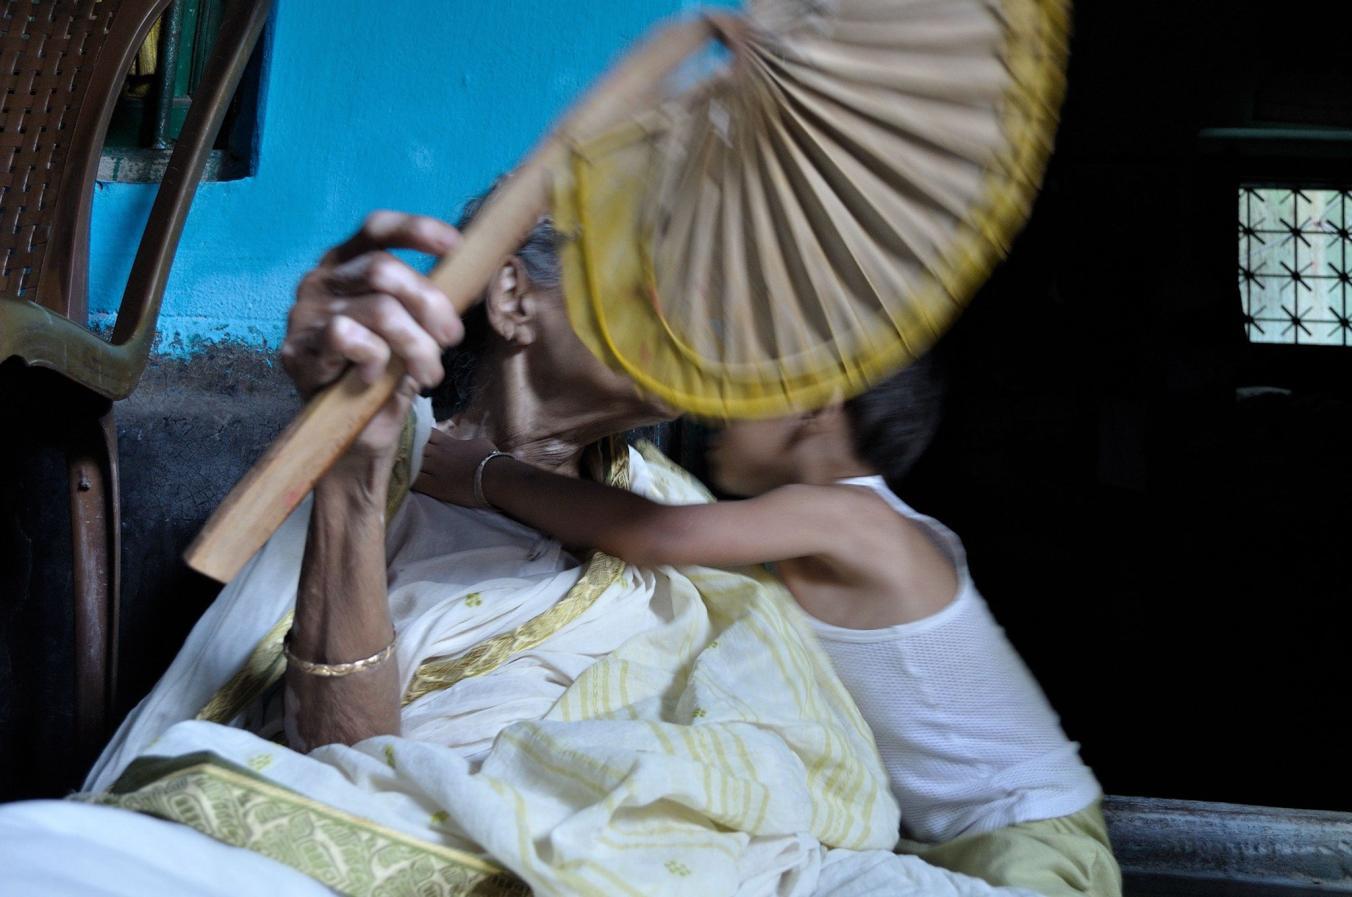 بسیاری از عکس های این مجموعه از هندوستان می آیند. جایی که یک چهارم از افراد به برق دسترسی ندارند. عکاس این عکس در مورد اثرش چنین می گوید: «زندگی بدون برق دنیای ساده تری را با خود به همراه می آورد. دنیایی که احساسات هنوز در آن جریان دارد.»